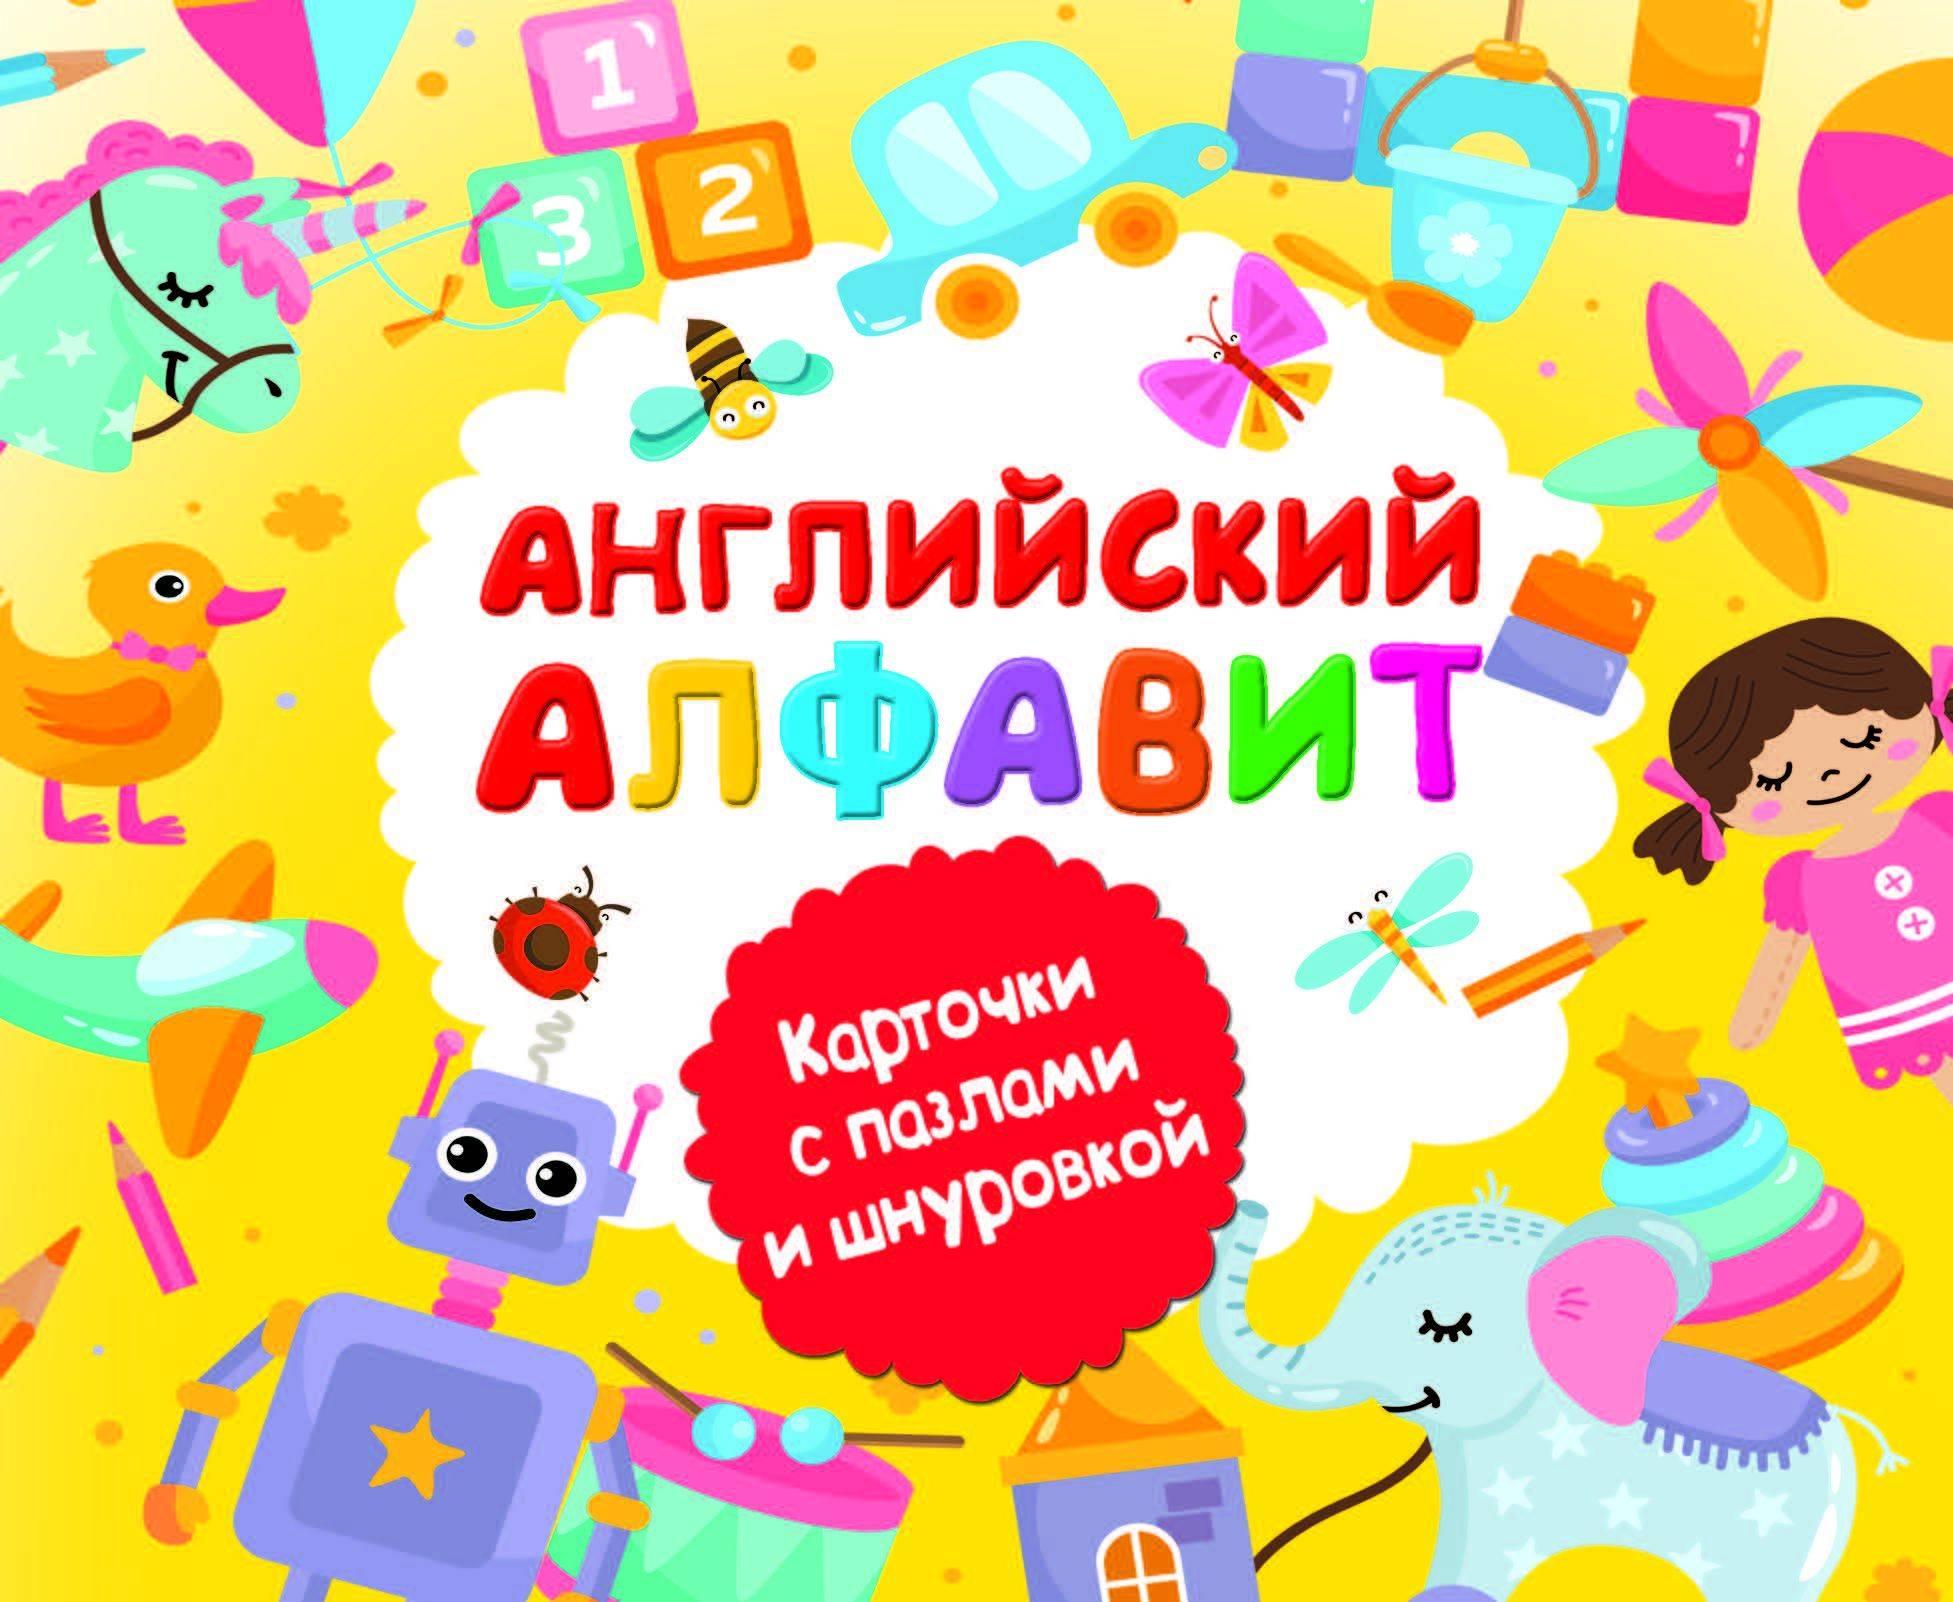 Двинина Л.В. Английский алфавит апплика пазл для малышей английский алфавит цвет основы желтый